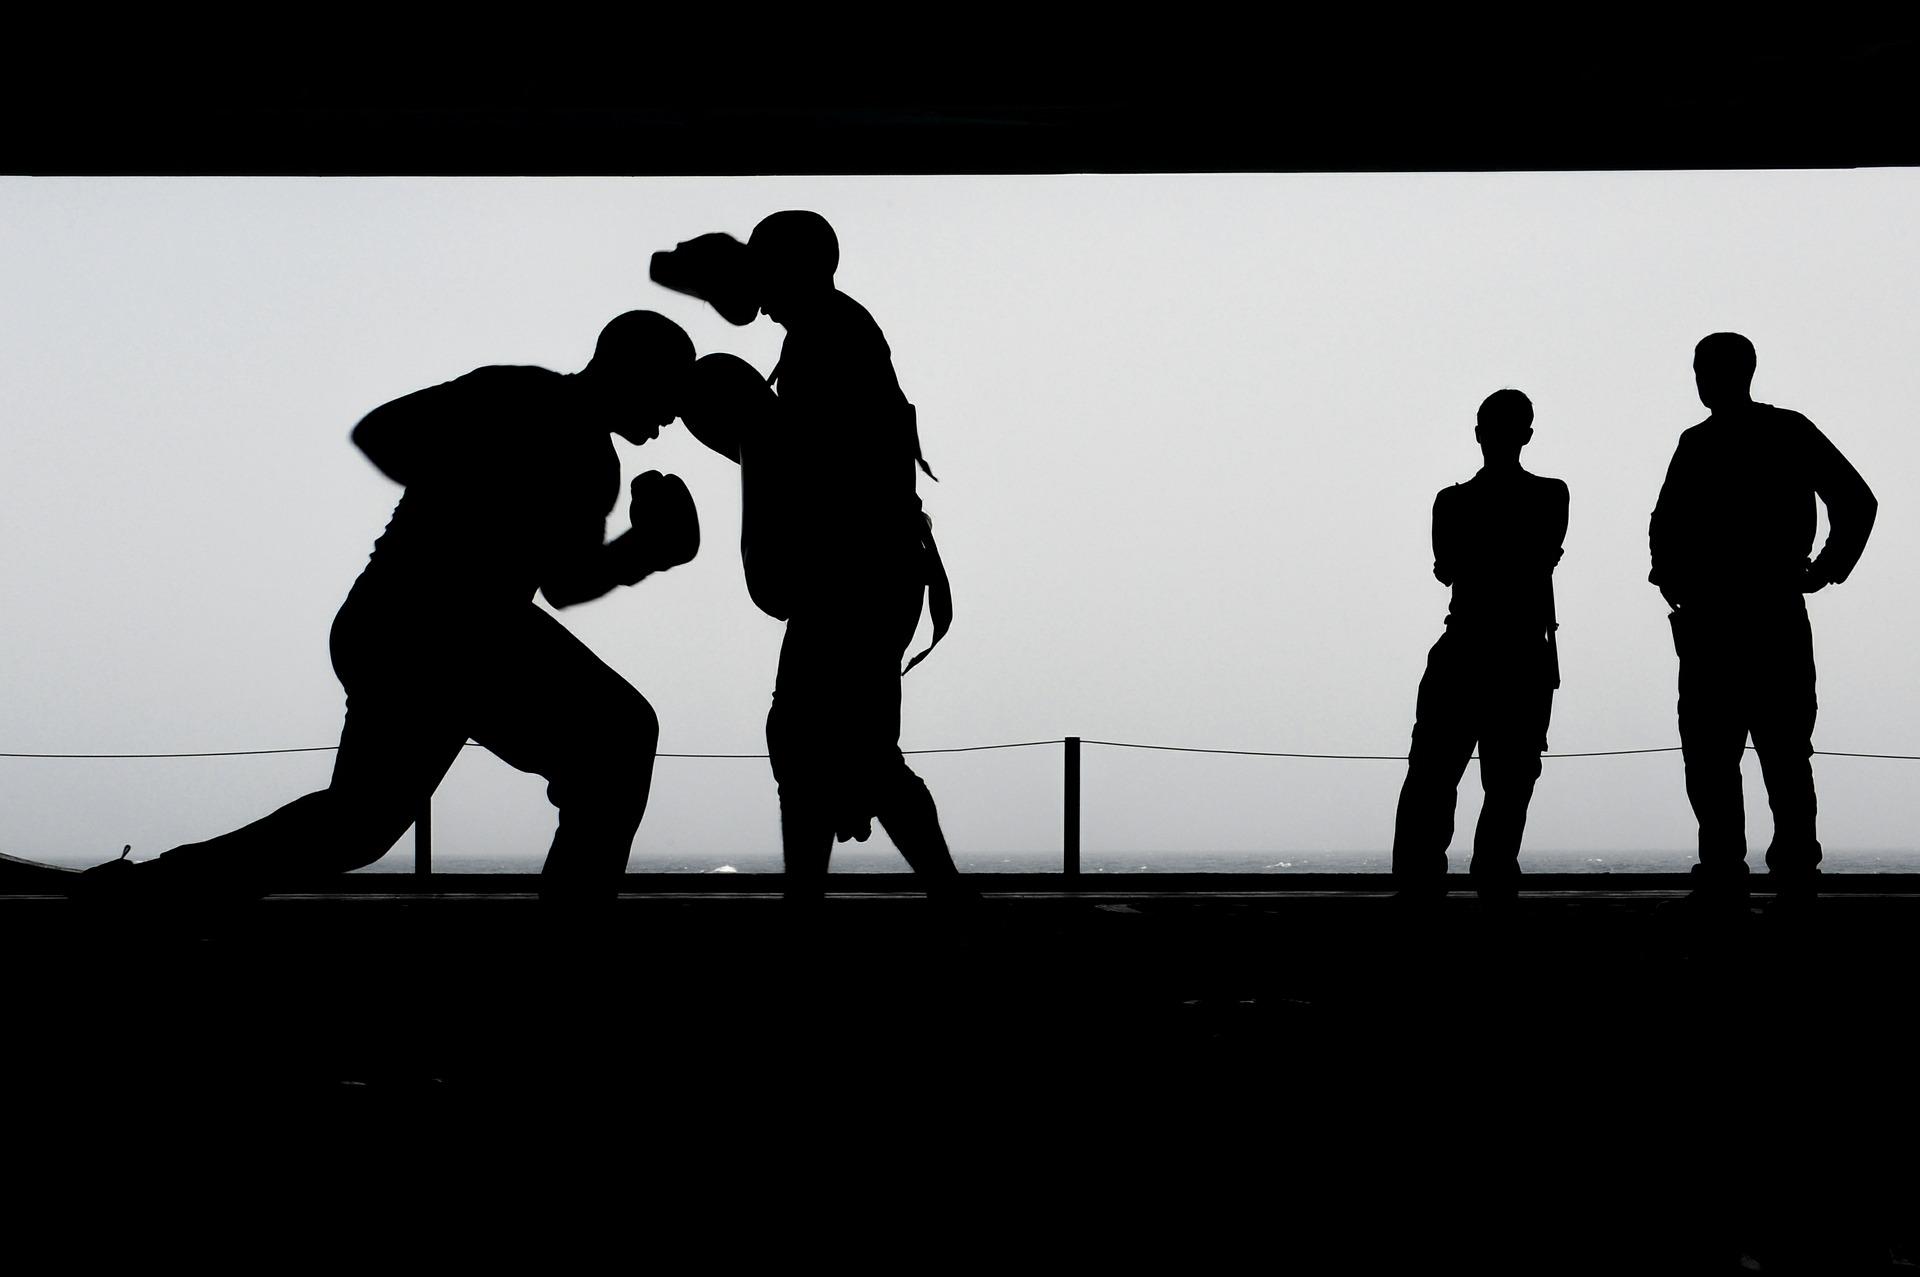 boxing-training-image